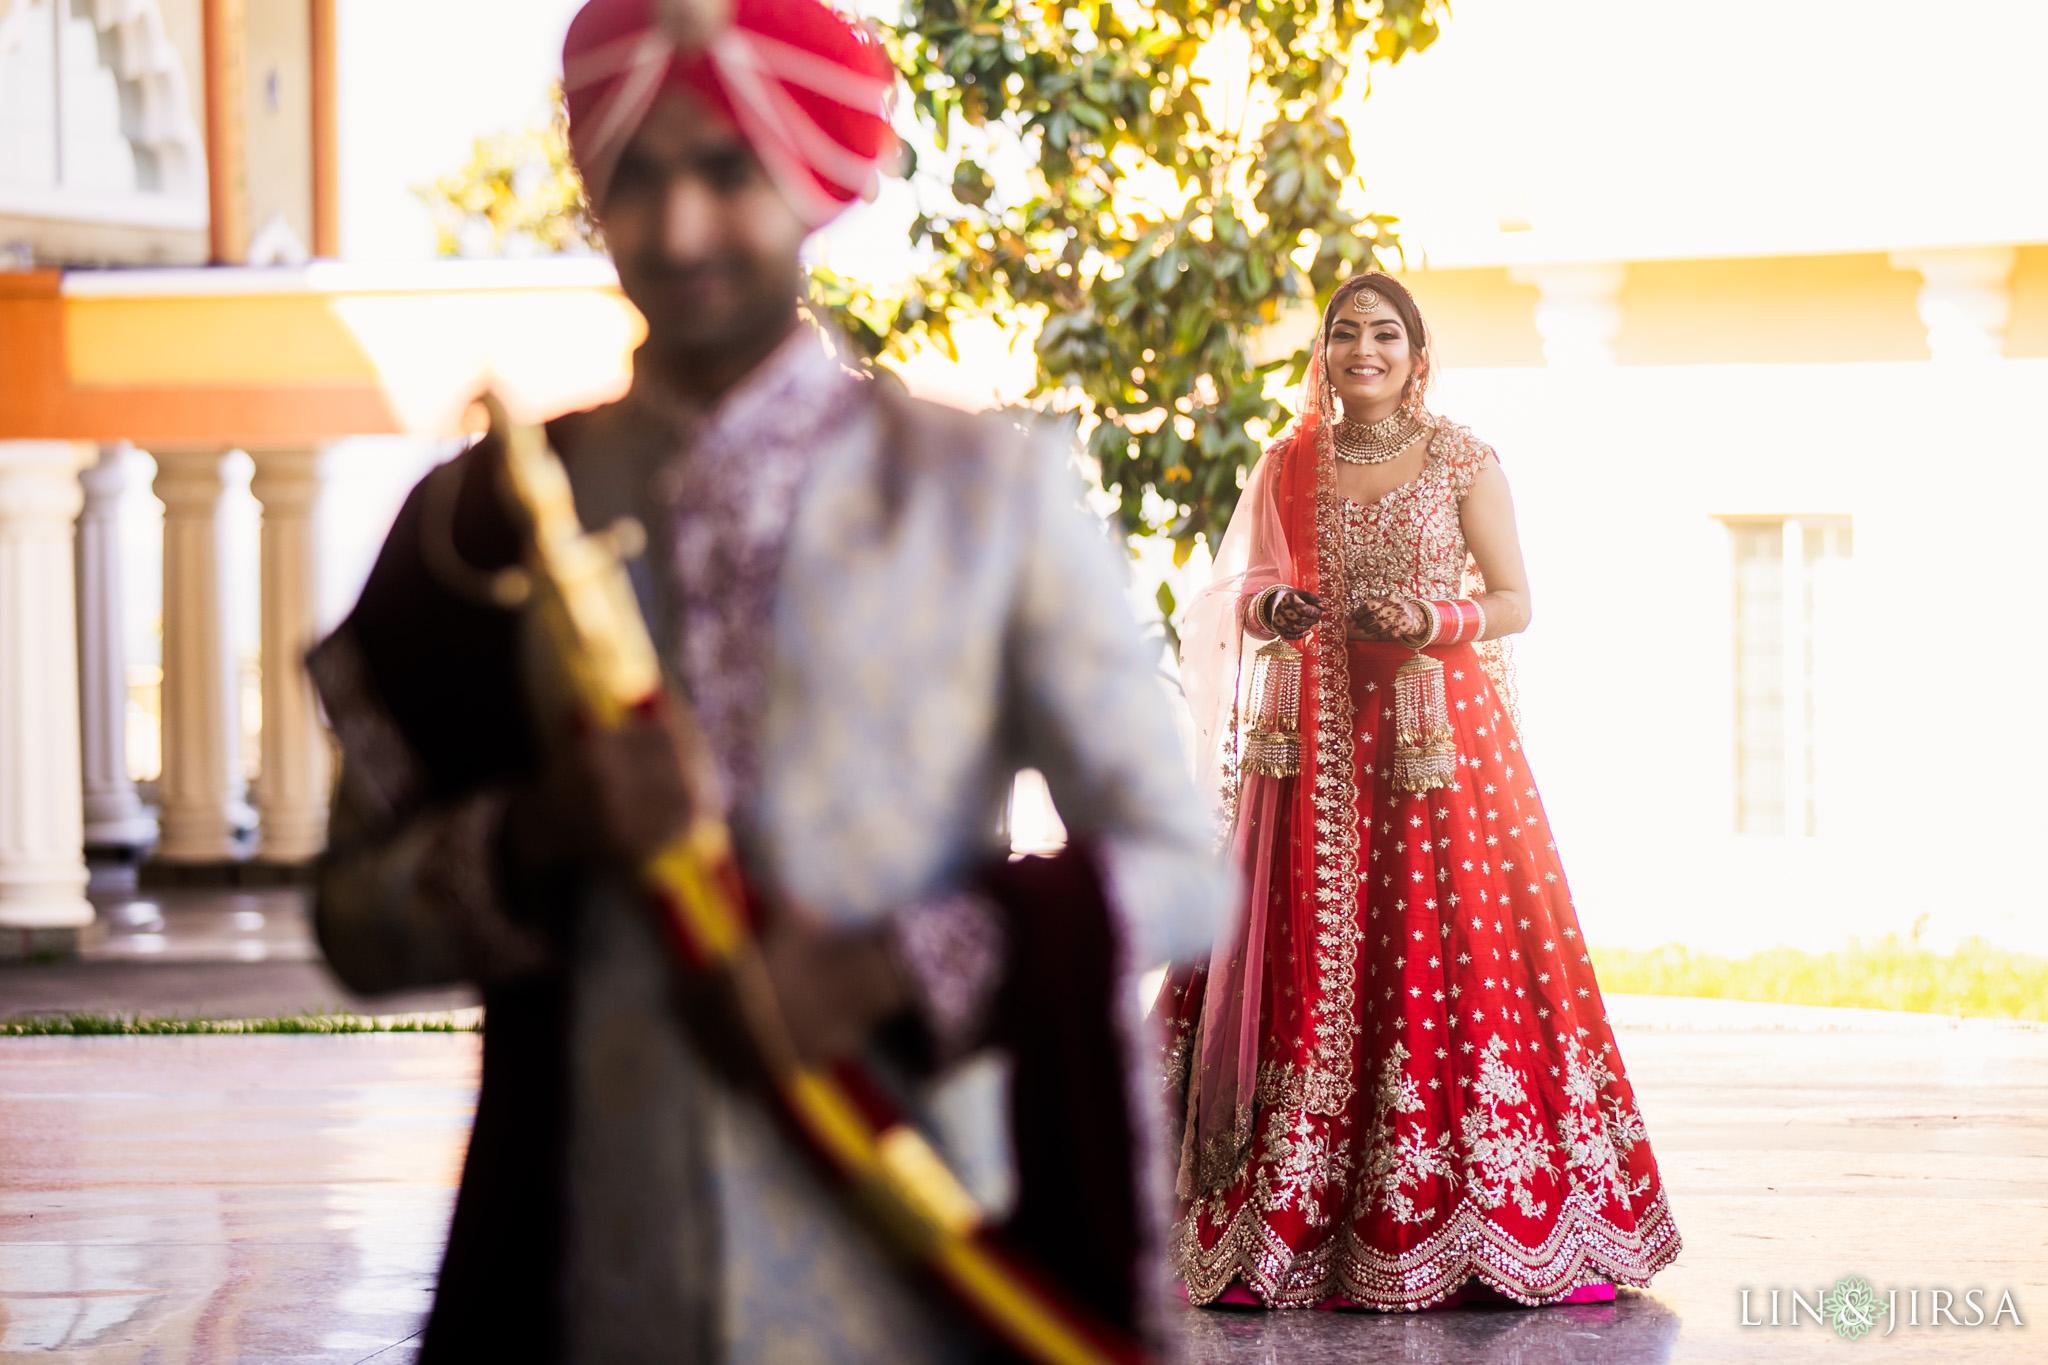 10 Sikh Gurdwara San Jose Punjabi Indian Wedding Photography